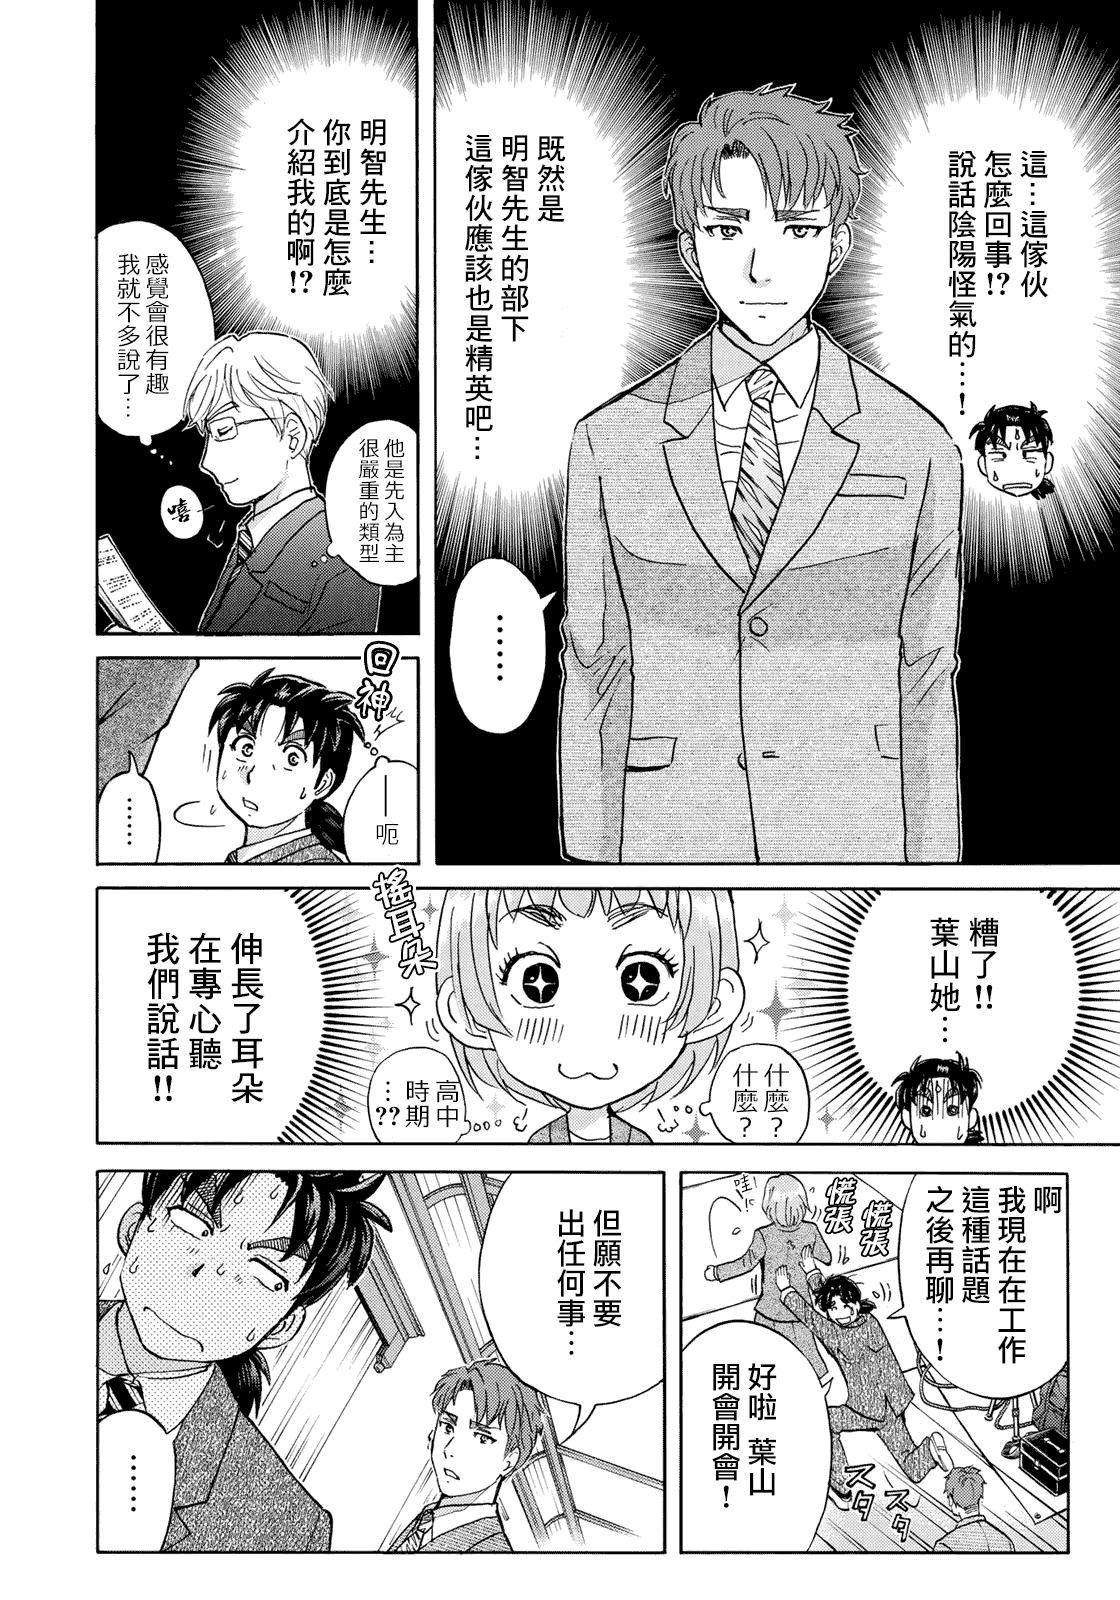 金田一37歲事件簿漫畫第41話碧血鬼(23P)(第1頁)劇情-二次元動漫